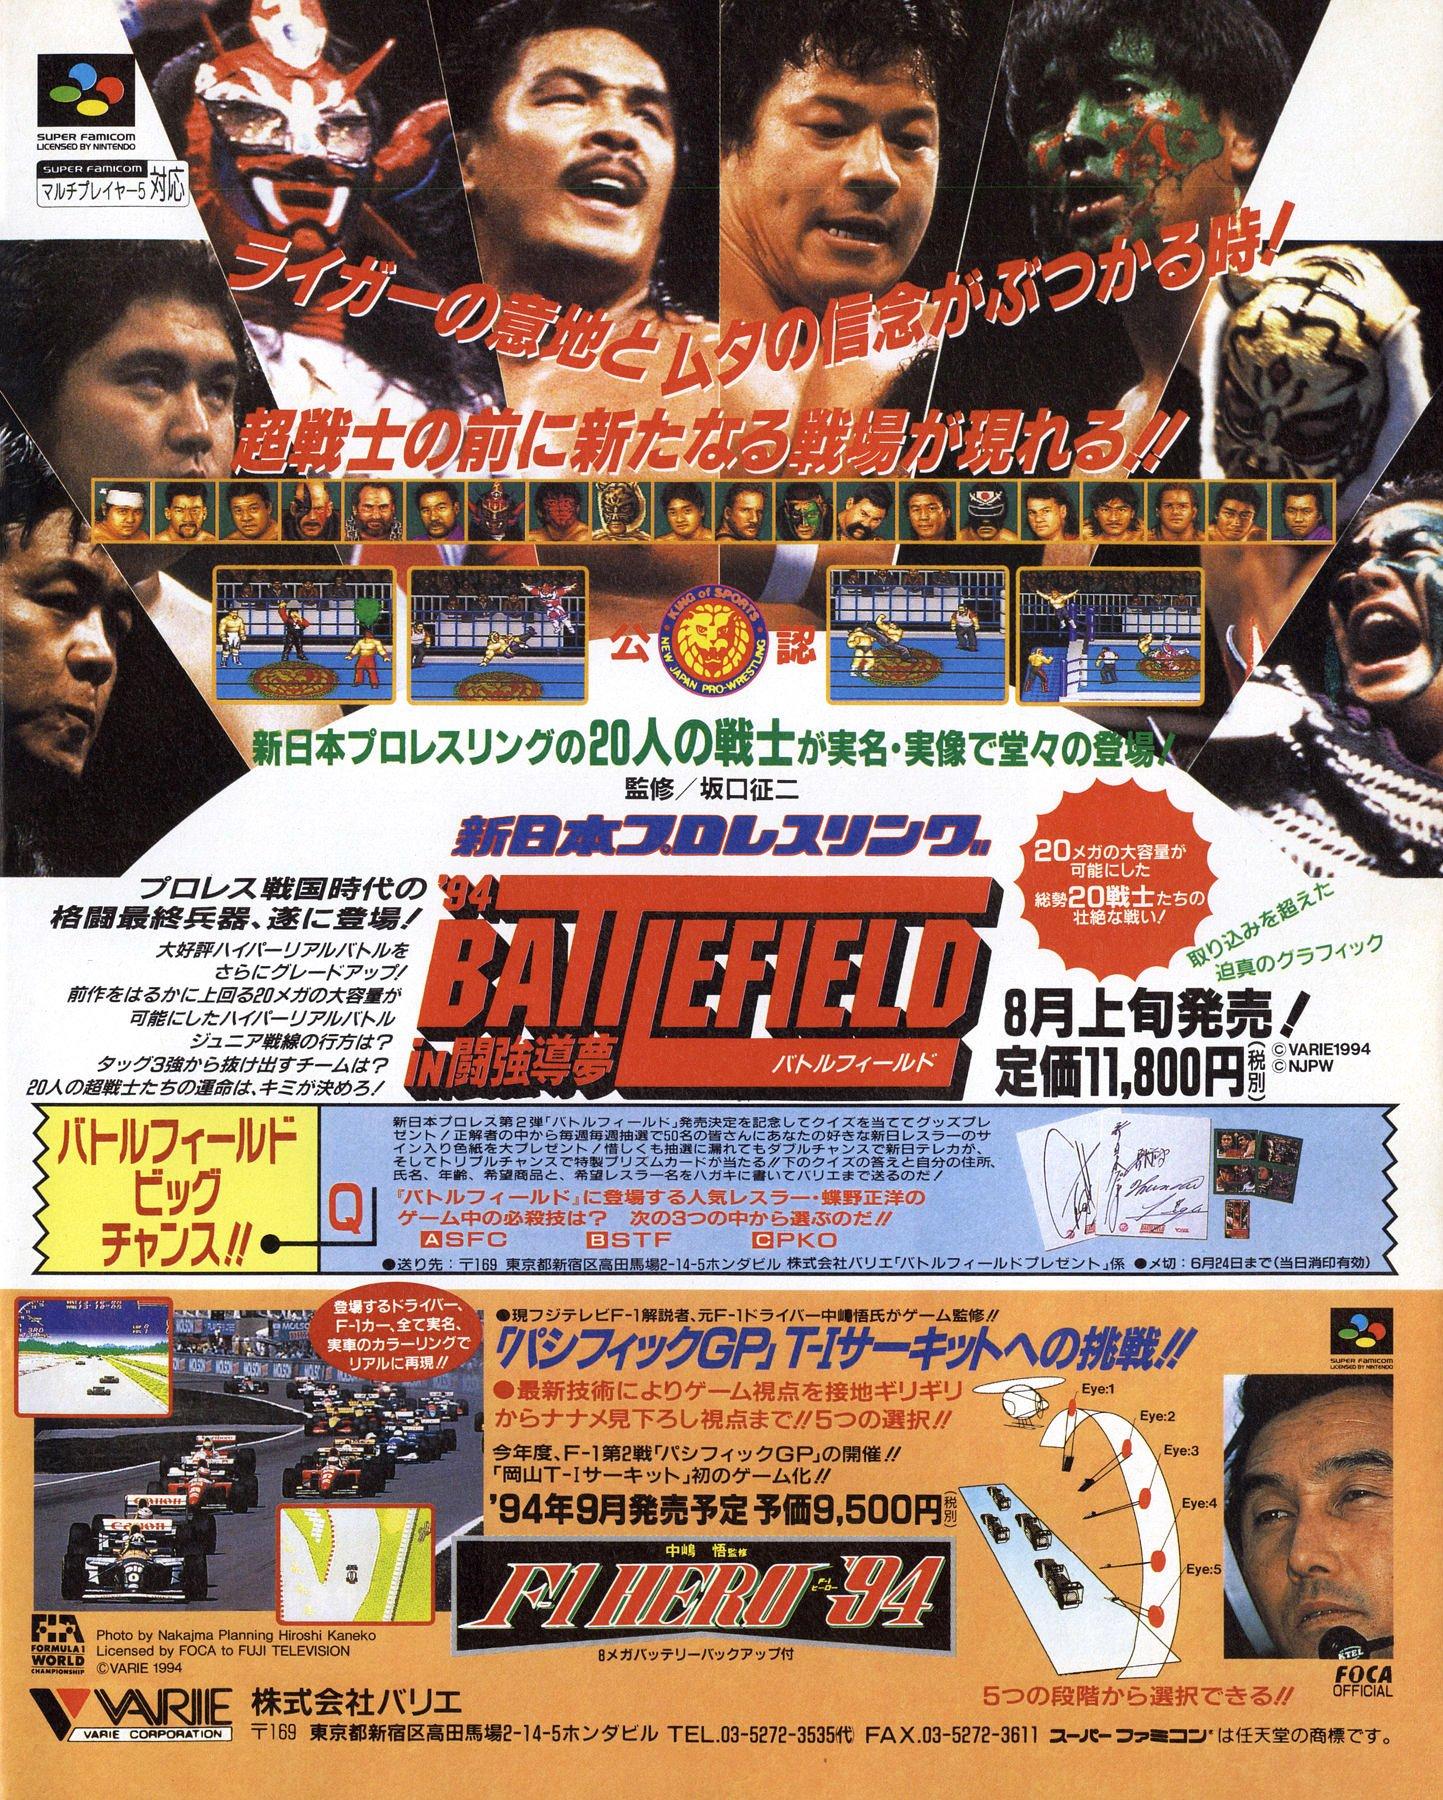 Shin Nihon Pro Wrestling 94: Battlefield in Tokyo Dome, F-1 Hero '94 (Japan)